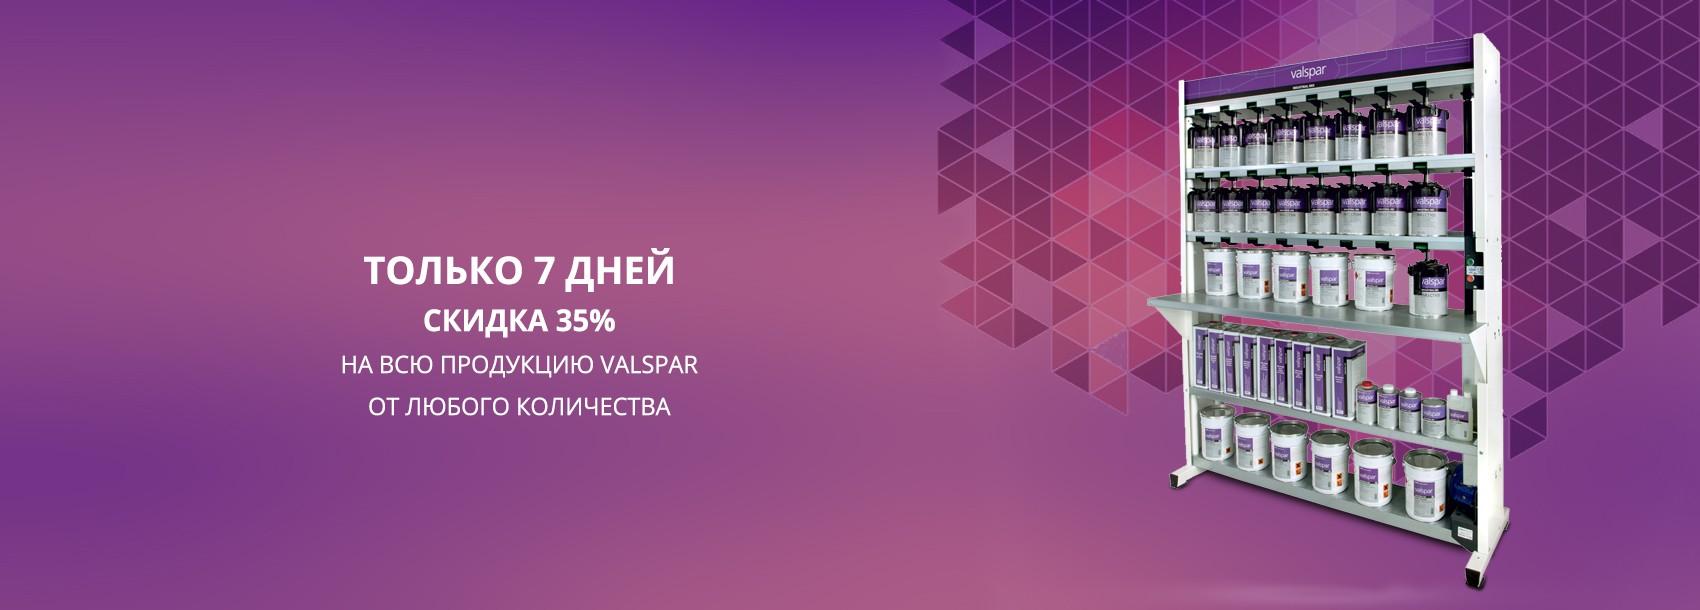 Скидка 35% на всю продукцию Valspar